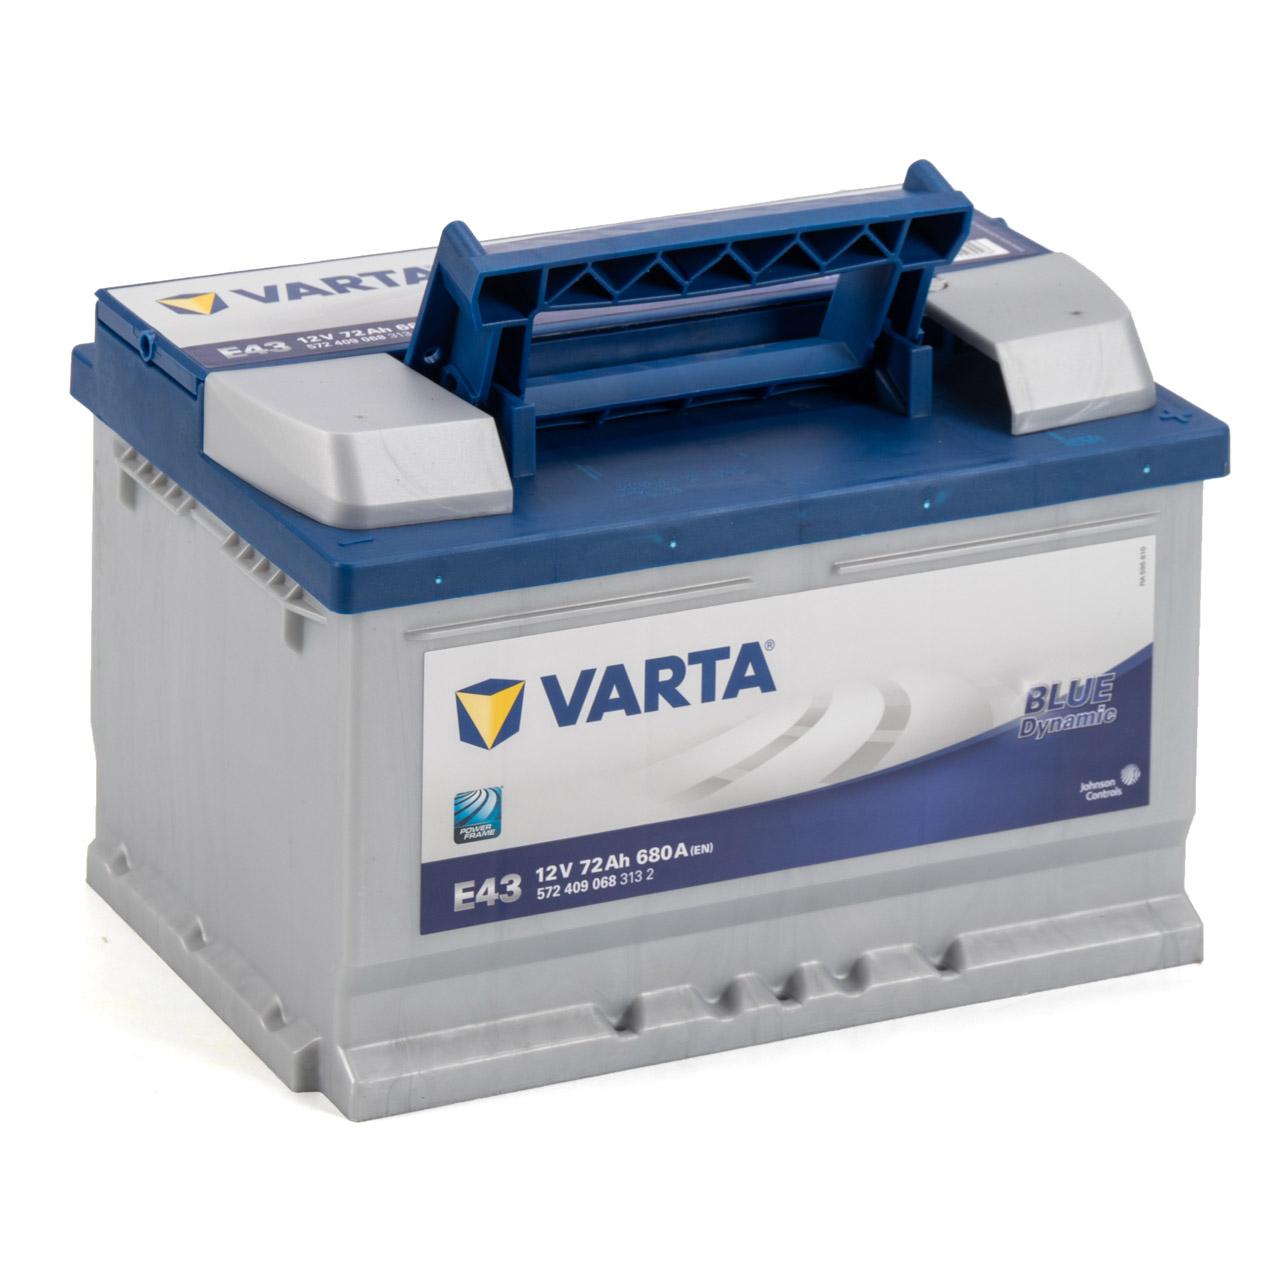 VARTA BLUE dynamic E43 Autobatterie Batterie Starterbatterie 12V 72Ah 680A